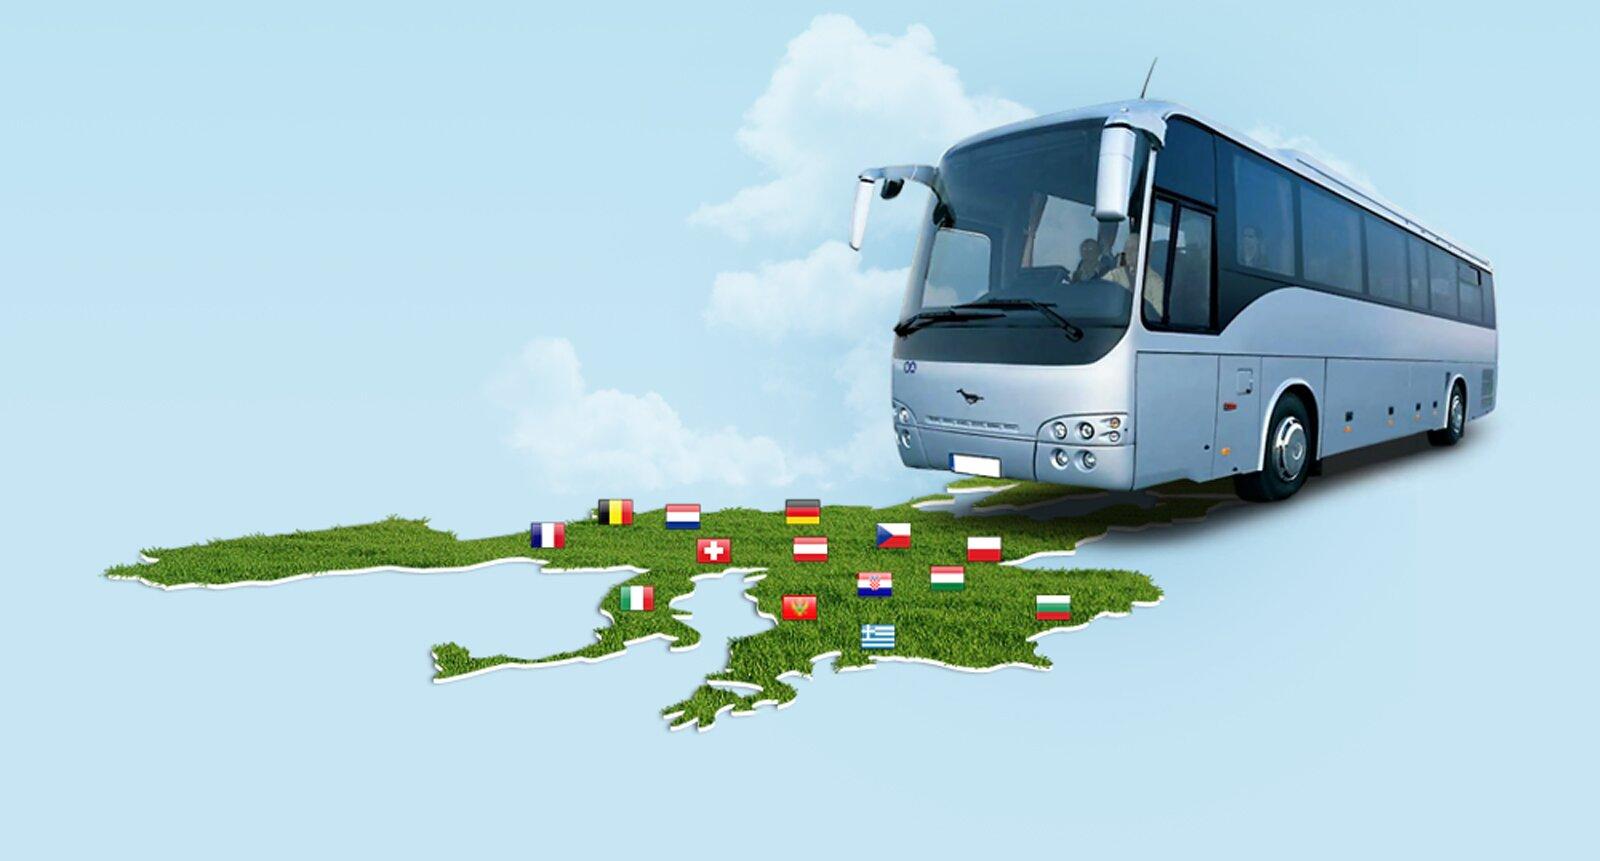 Автобусные туры по Европе от туроператоров - Price.Travel - с нами легко!